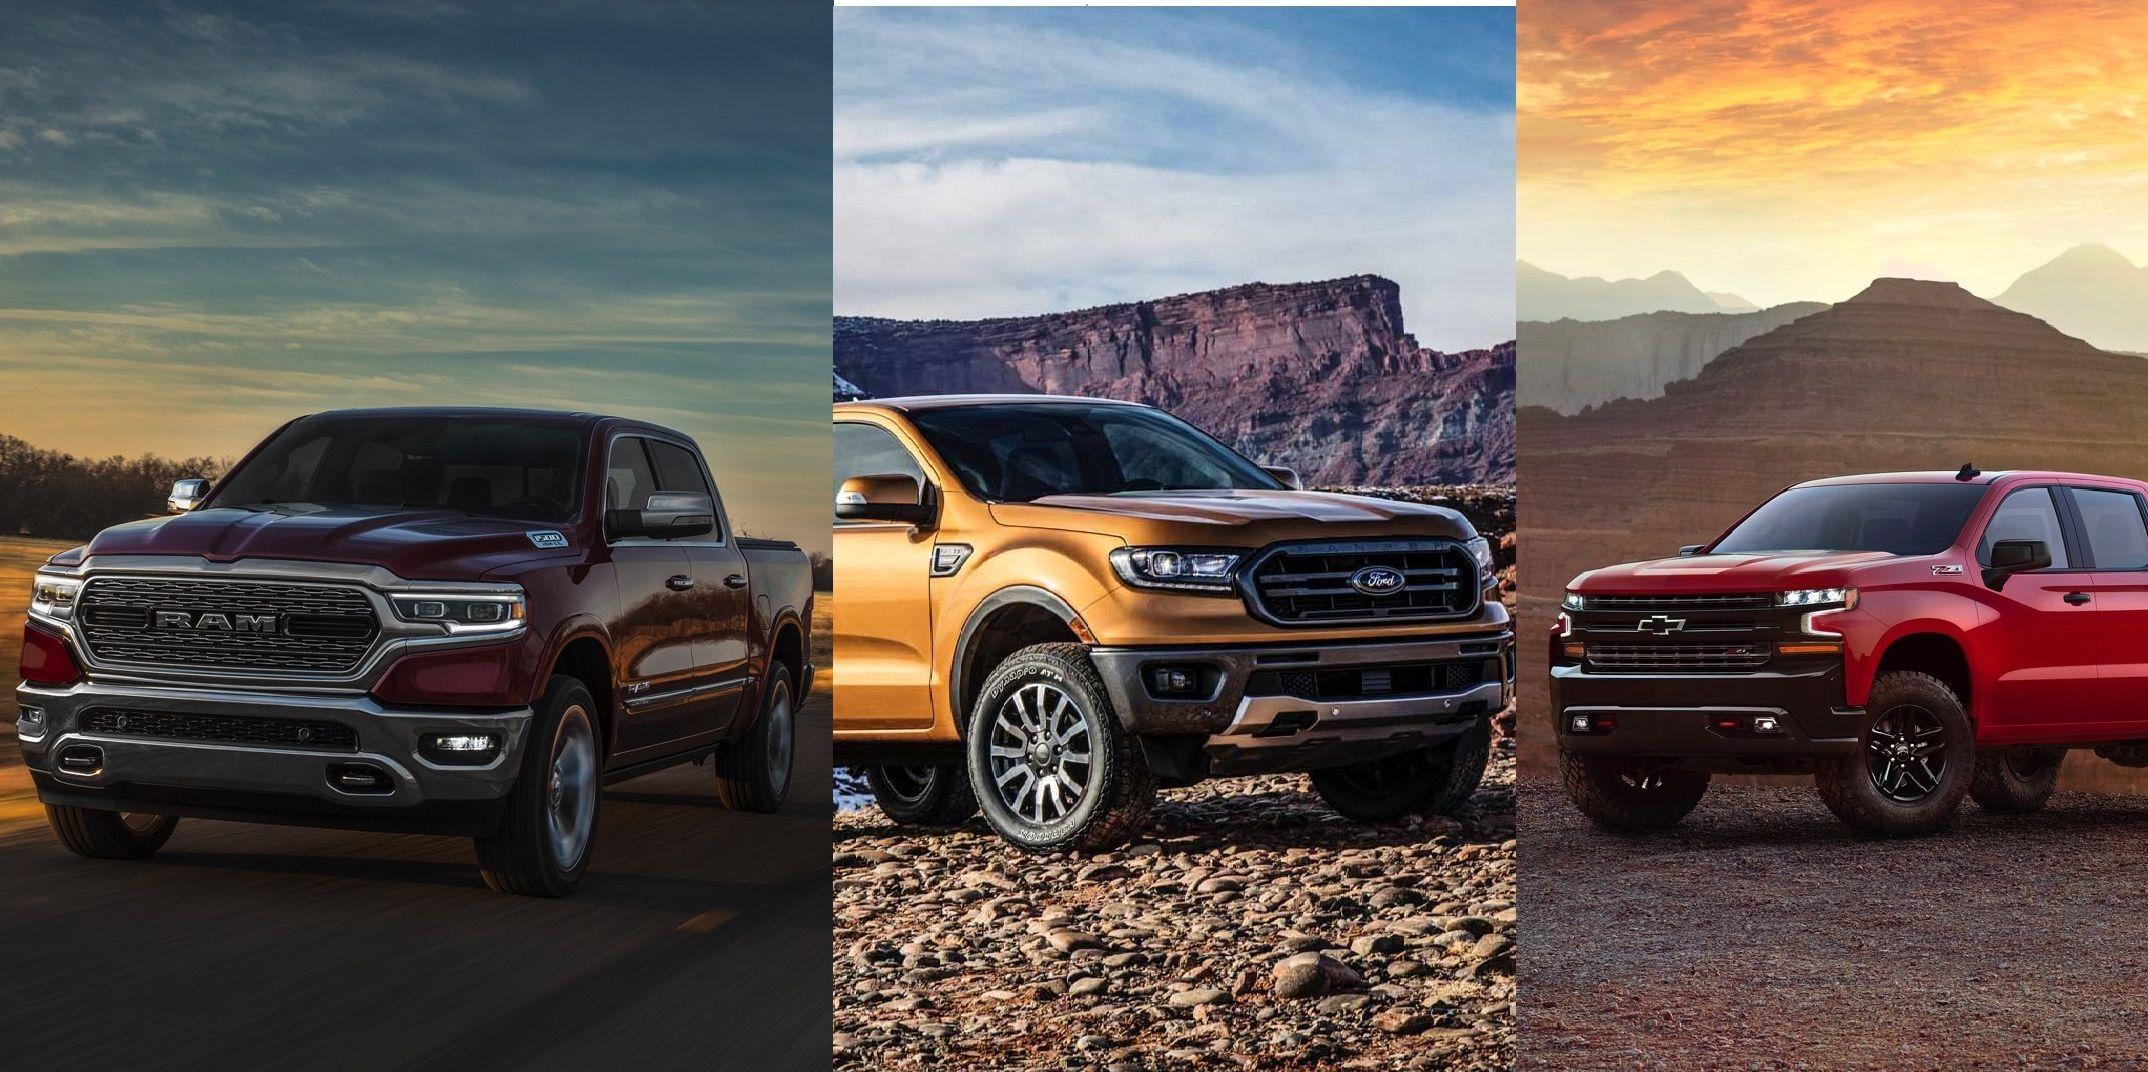 La guerra dei pickup: Ford vs Chevrolet vs Ram